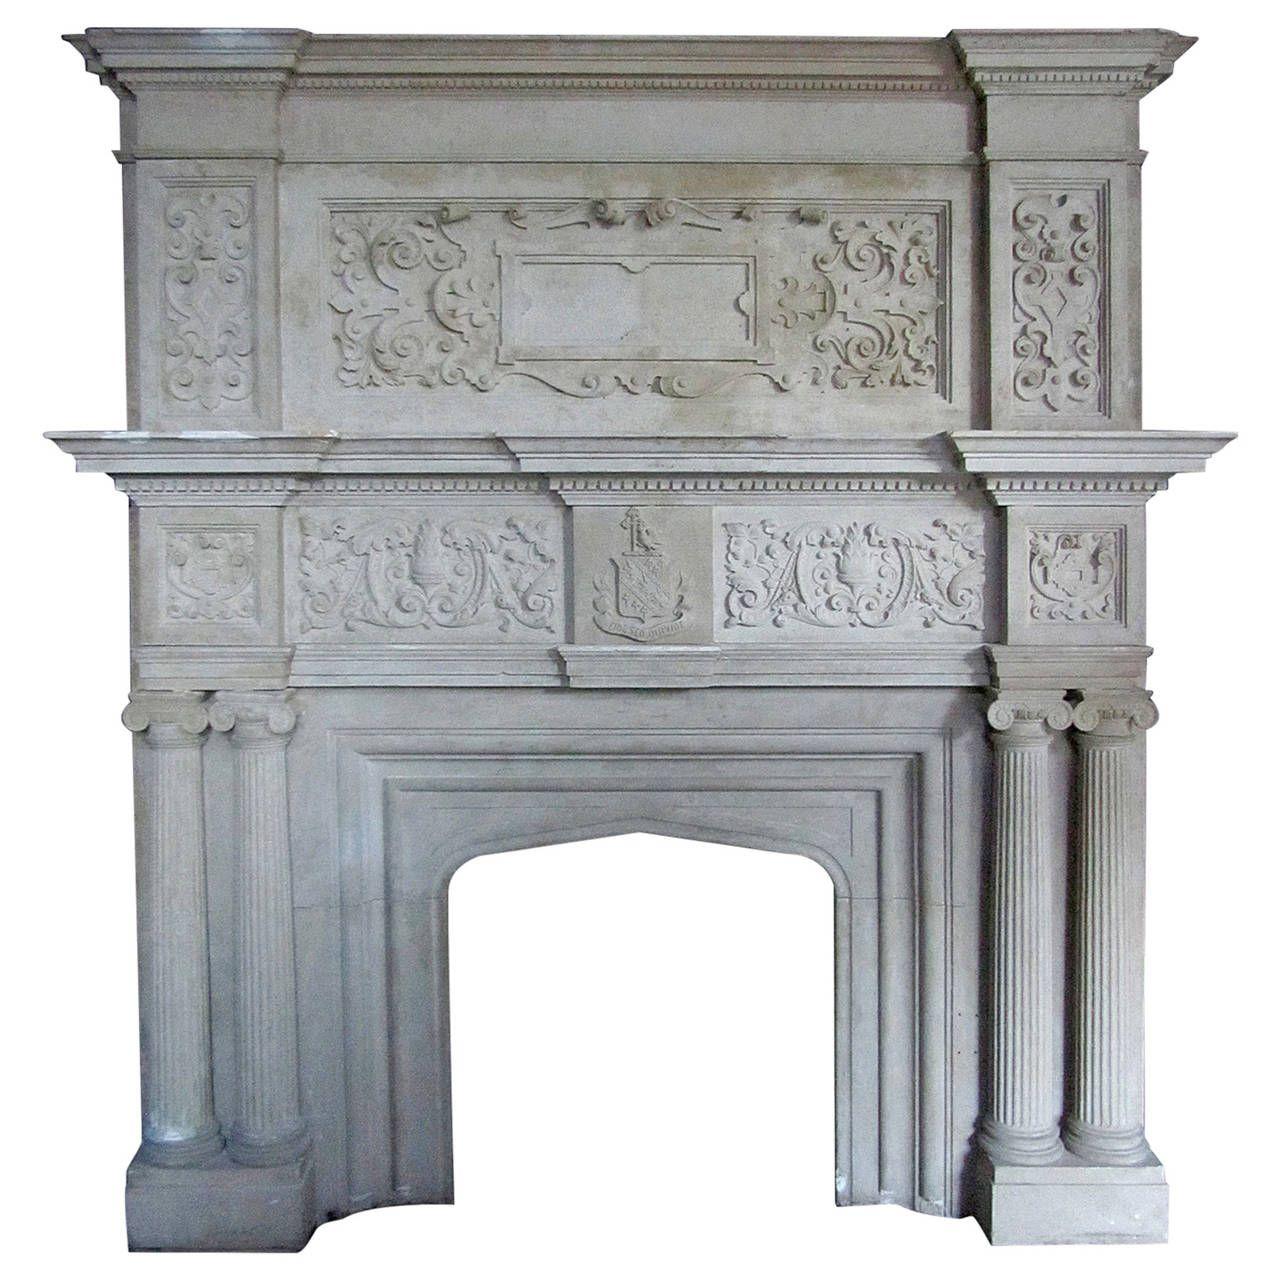 Large Indiana Limestone Tudor Revival Style Fireplace Mantel ...